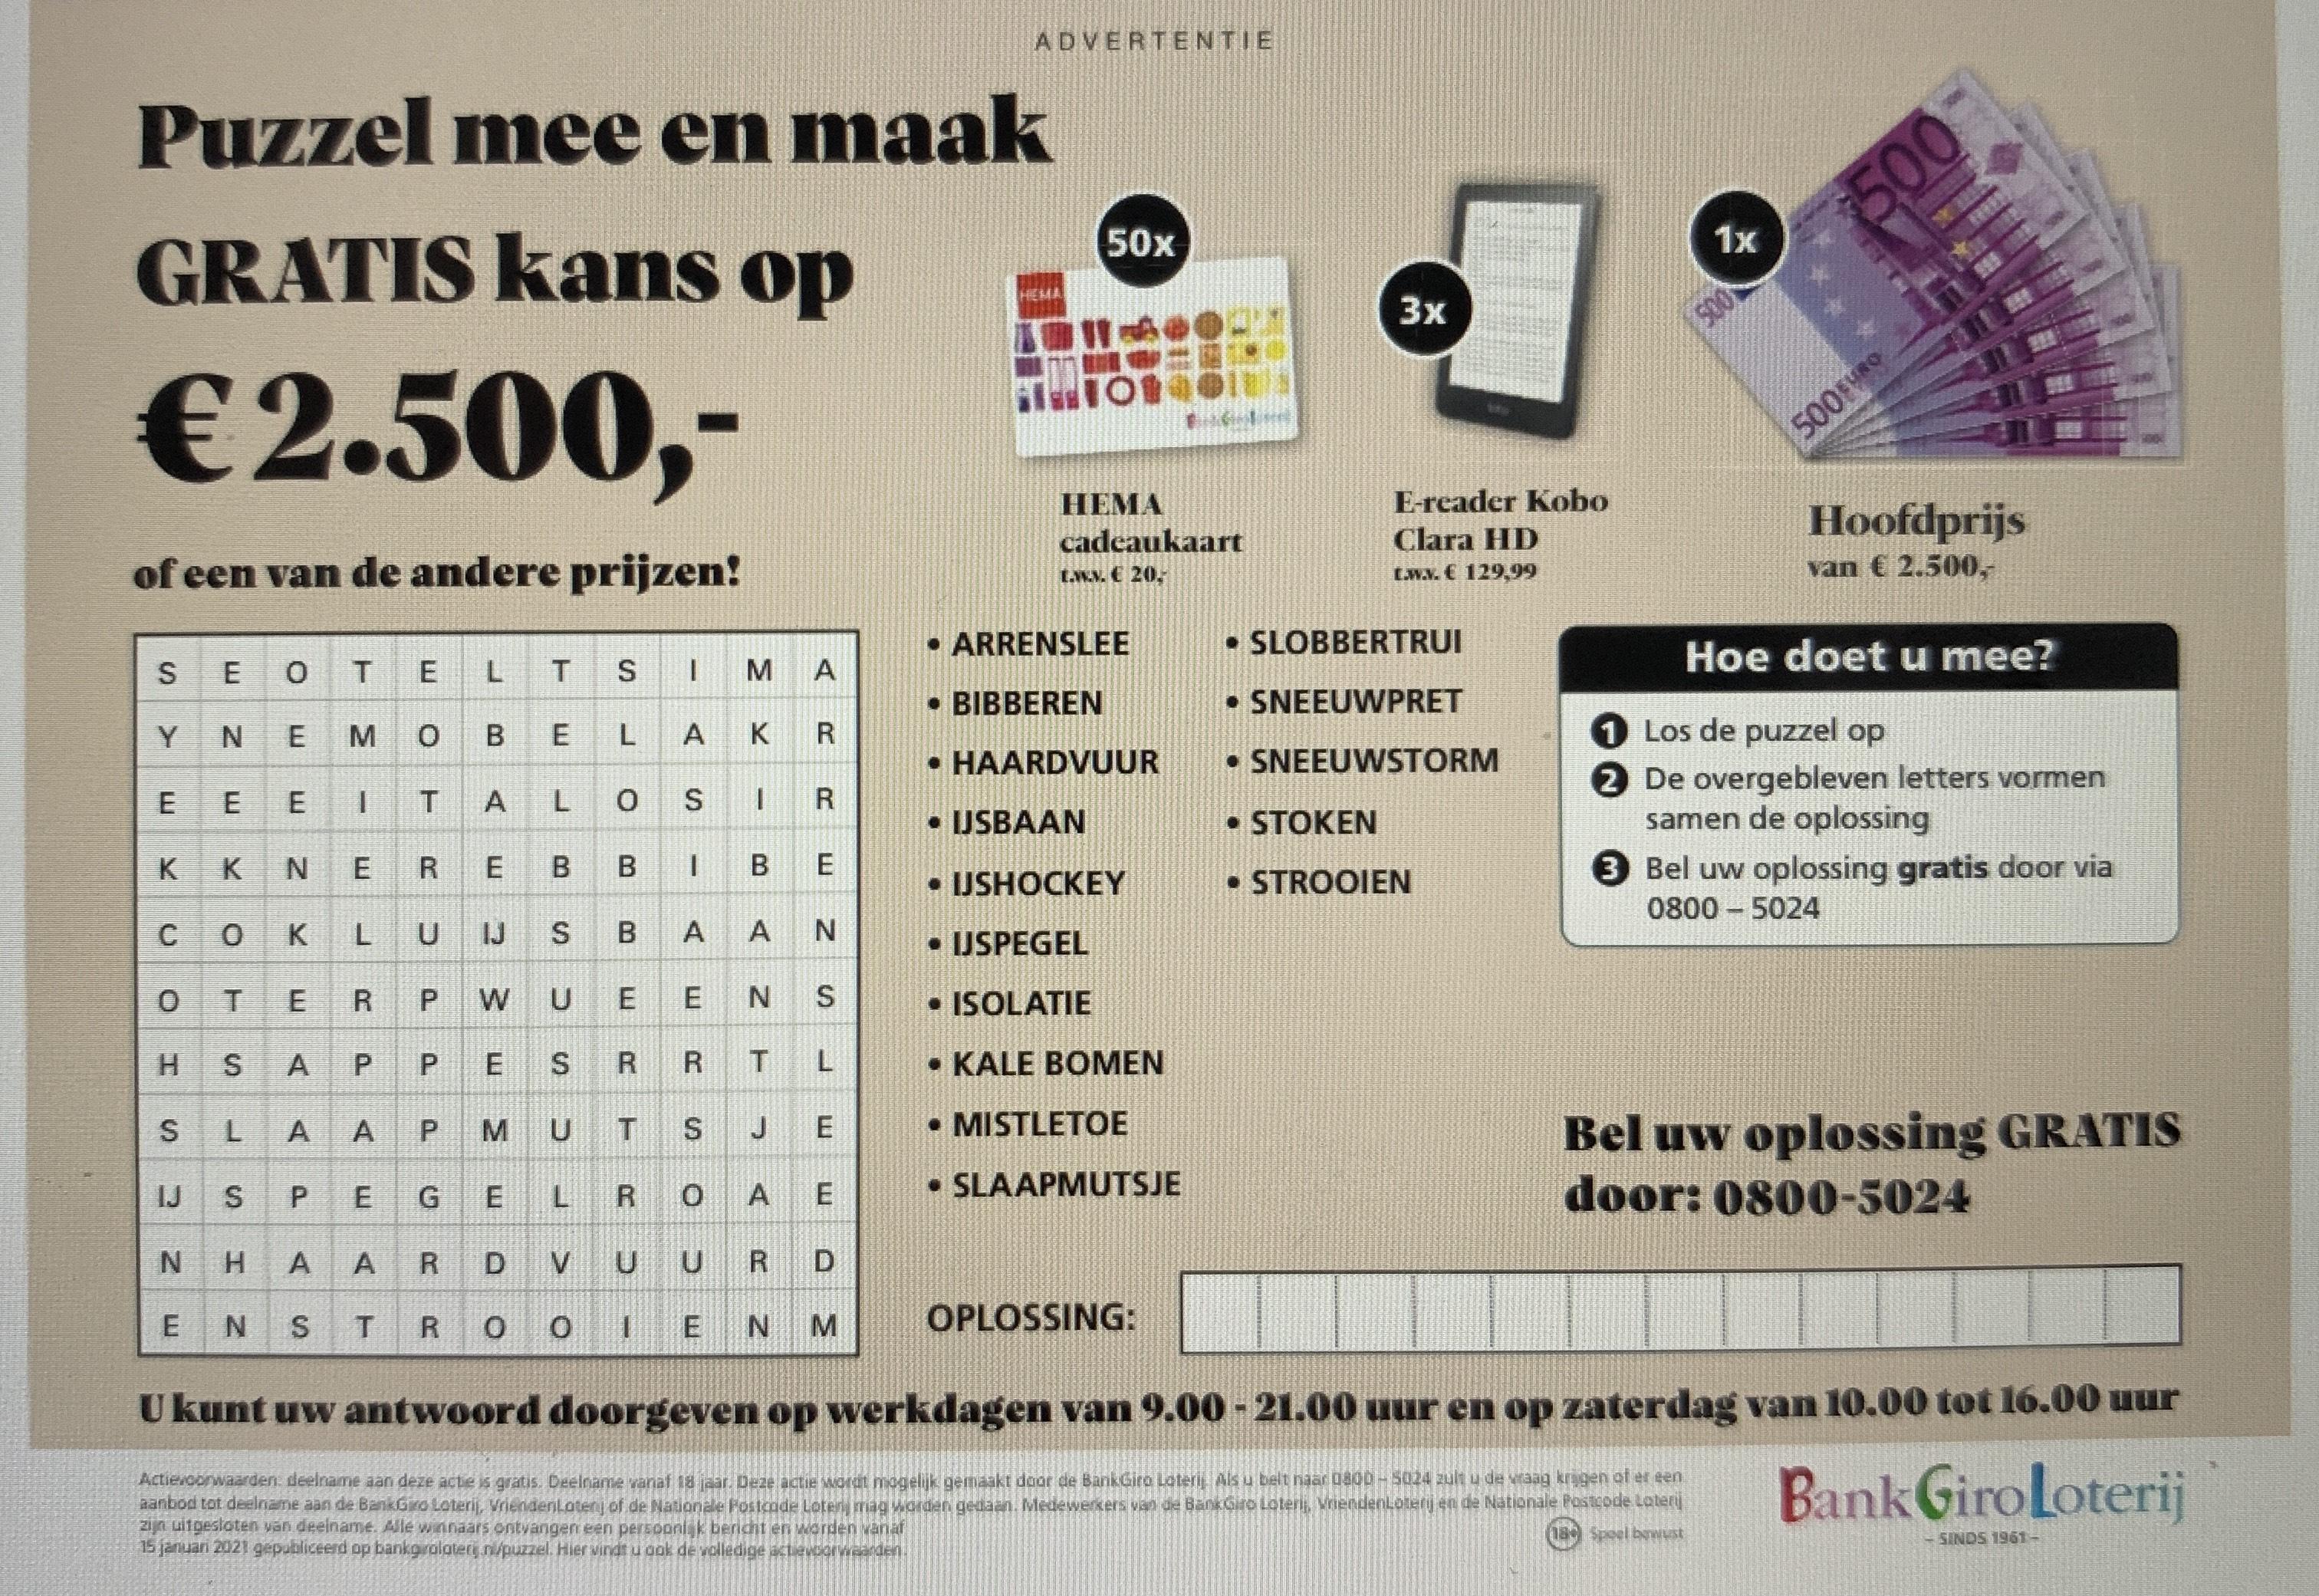 Bankgiroloterij gratis meespelen 3 trekkingen met 2 loten!